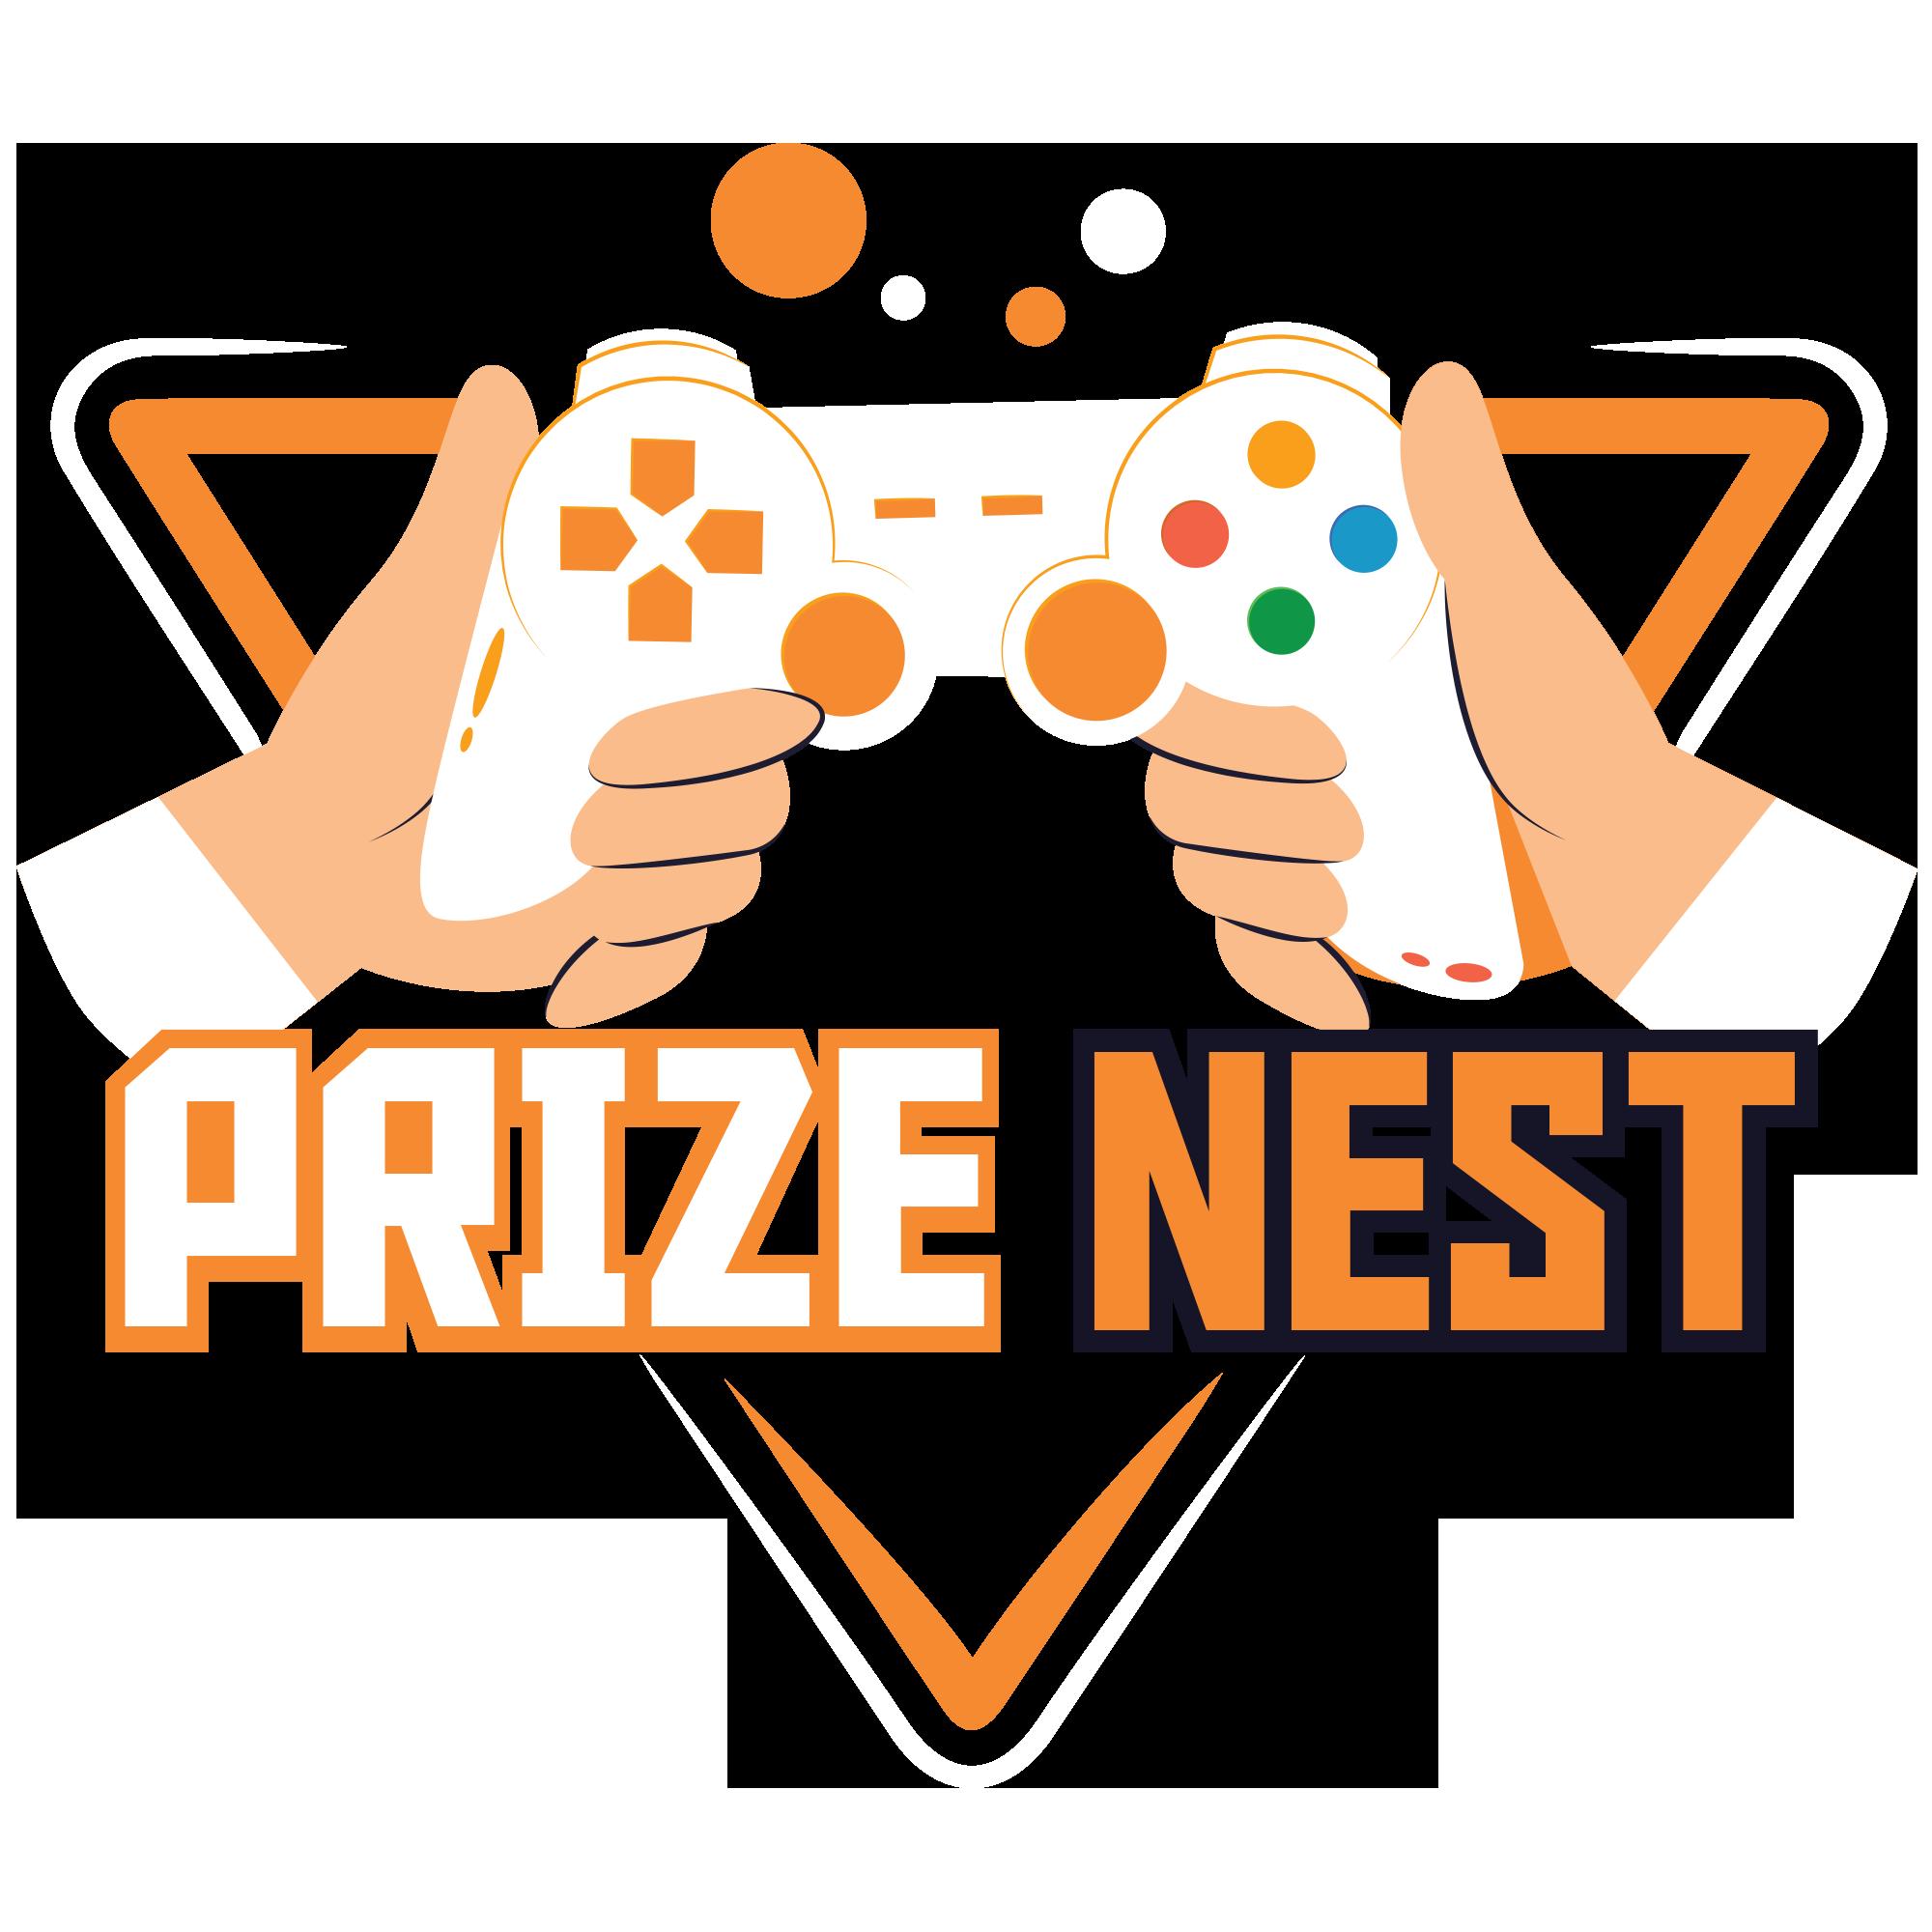 Prizenest | Joacă și câștigă